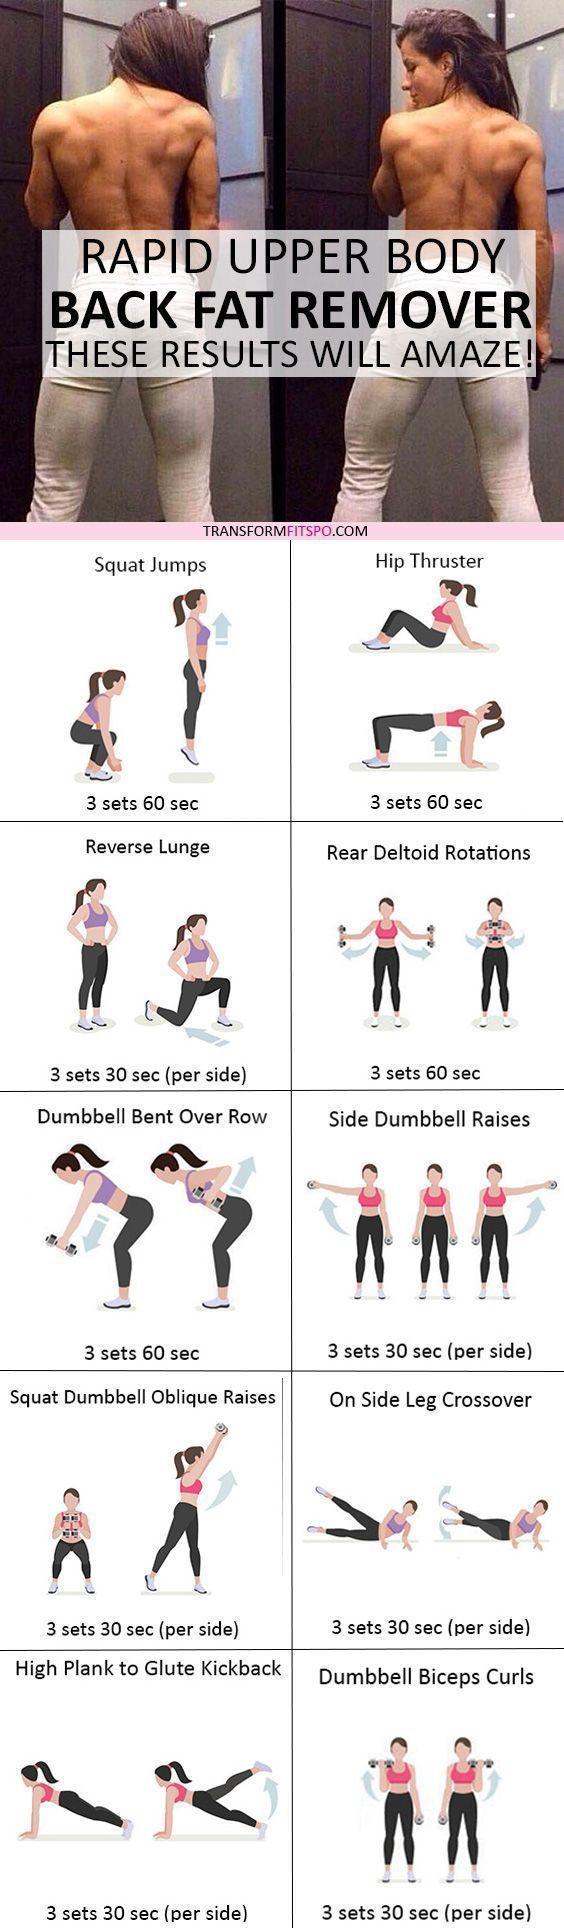 Utilisez ces conseils de mise en forme pour vous informer et ... #fitness - #the ...